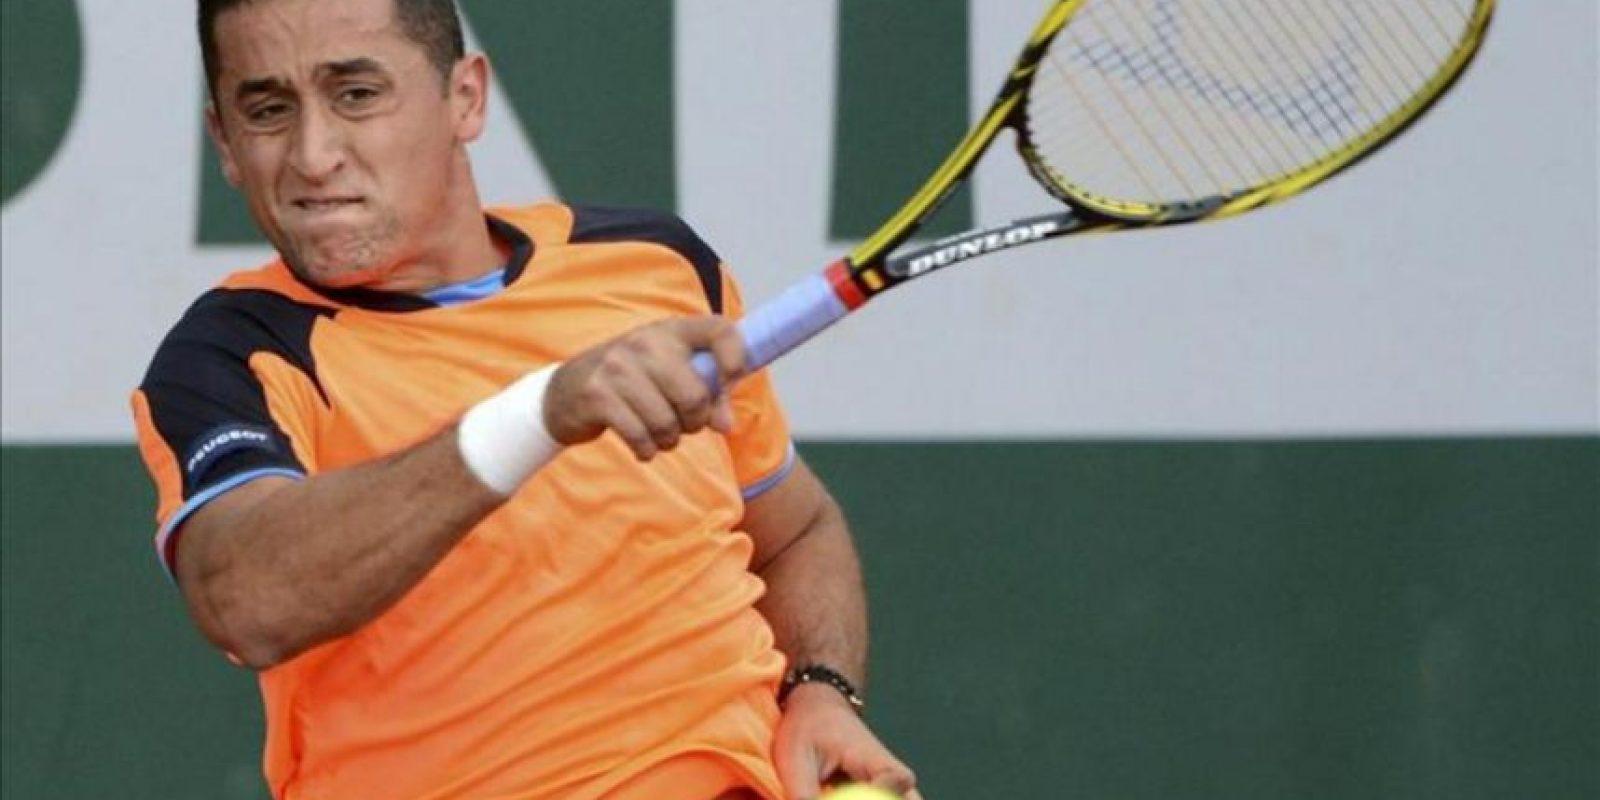 El tenista español Nicolás Almagro devuelve la bola durante el partido de segunda ronda del torneo de Roland Garros. EFE